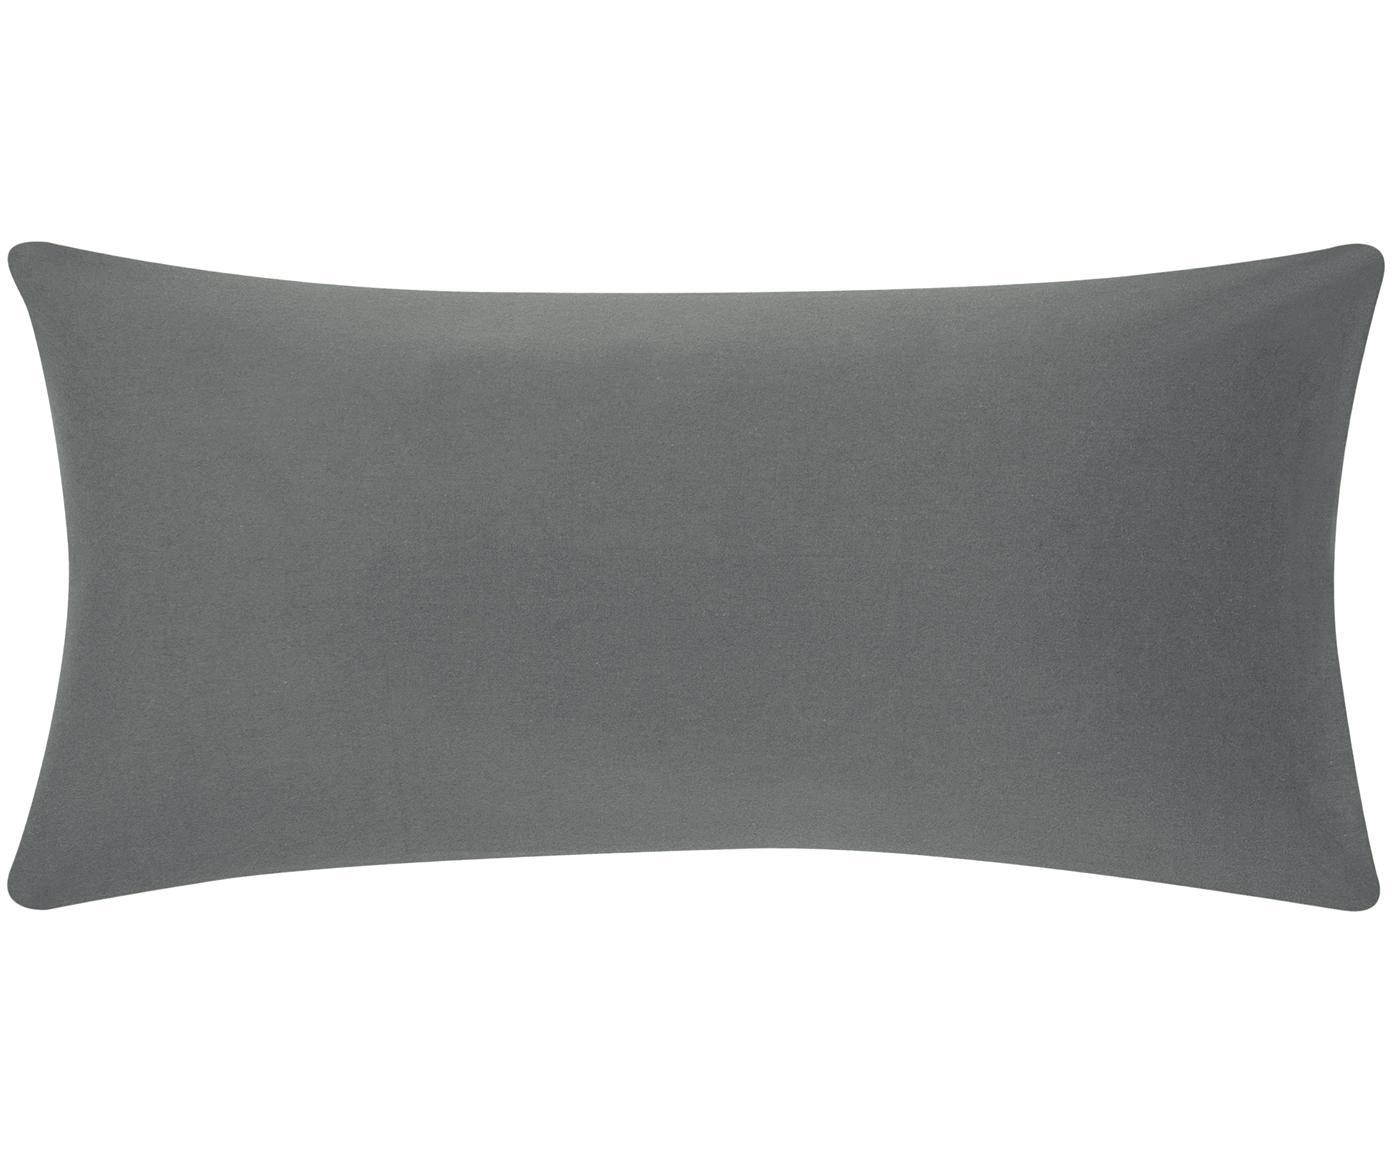 Poszewka na poduszkę ze skóry z flaneli Biba, 2 szt., Ciemny szary, S 40 x D 80 cm